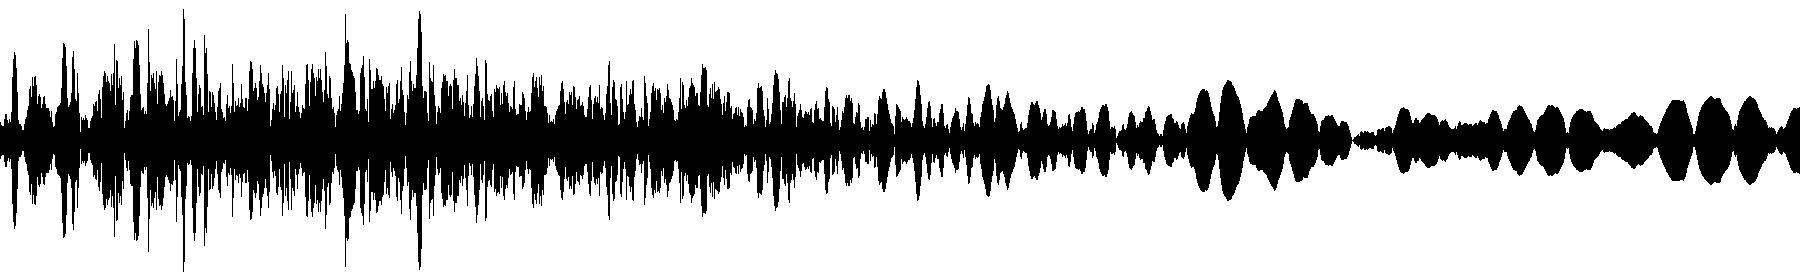 veh2 synths   150 c